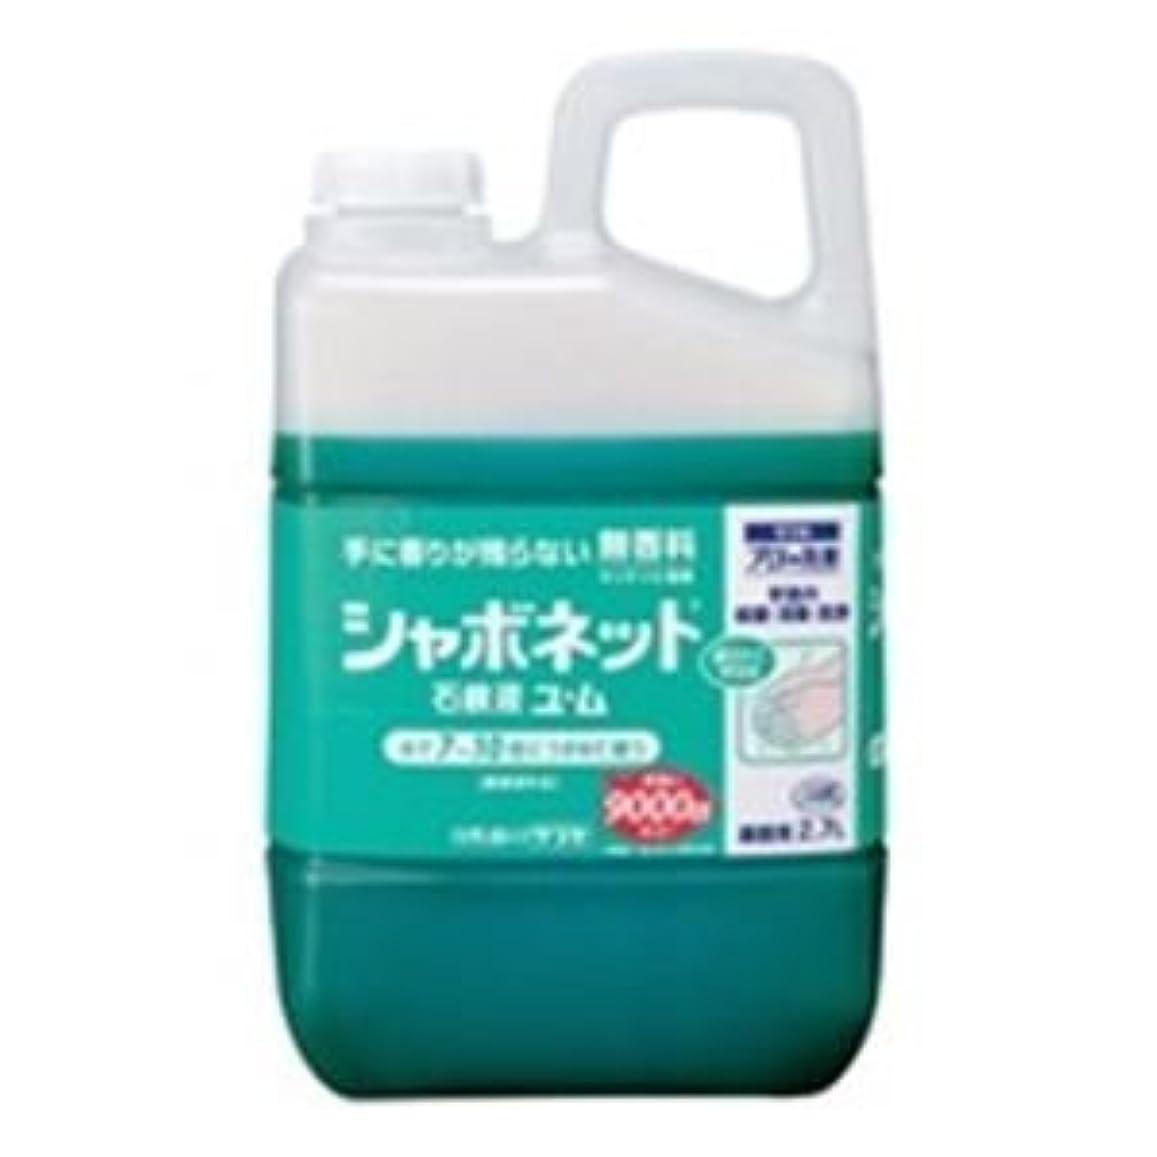 指令イブニングハリウッド( お徳用 5セット ) 東京サラヤ シャボネット 石鹸液ユ?ム 2.7L